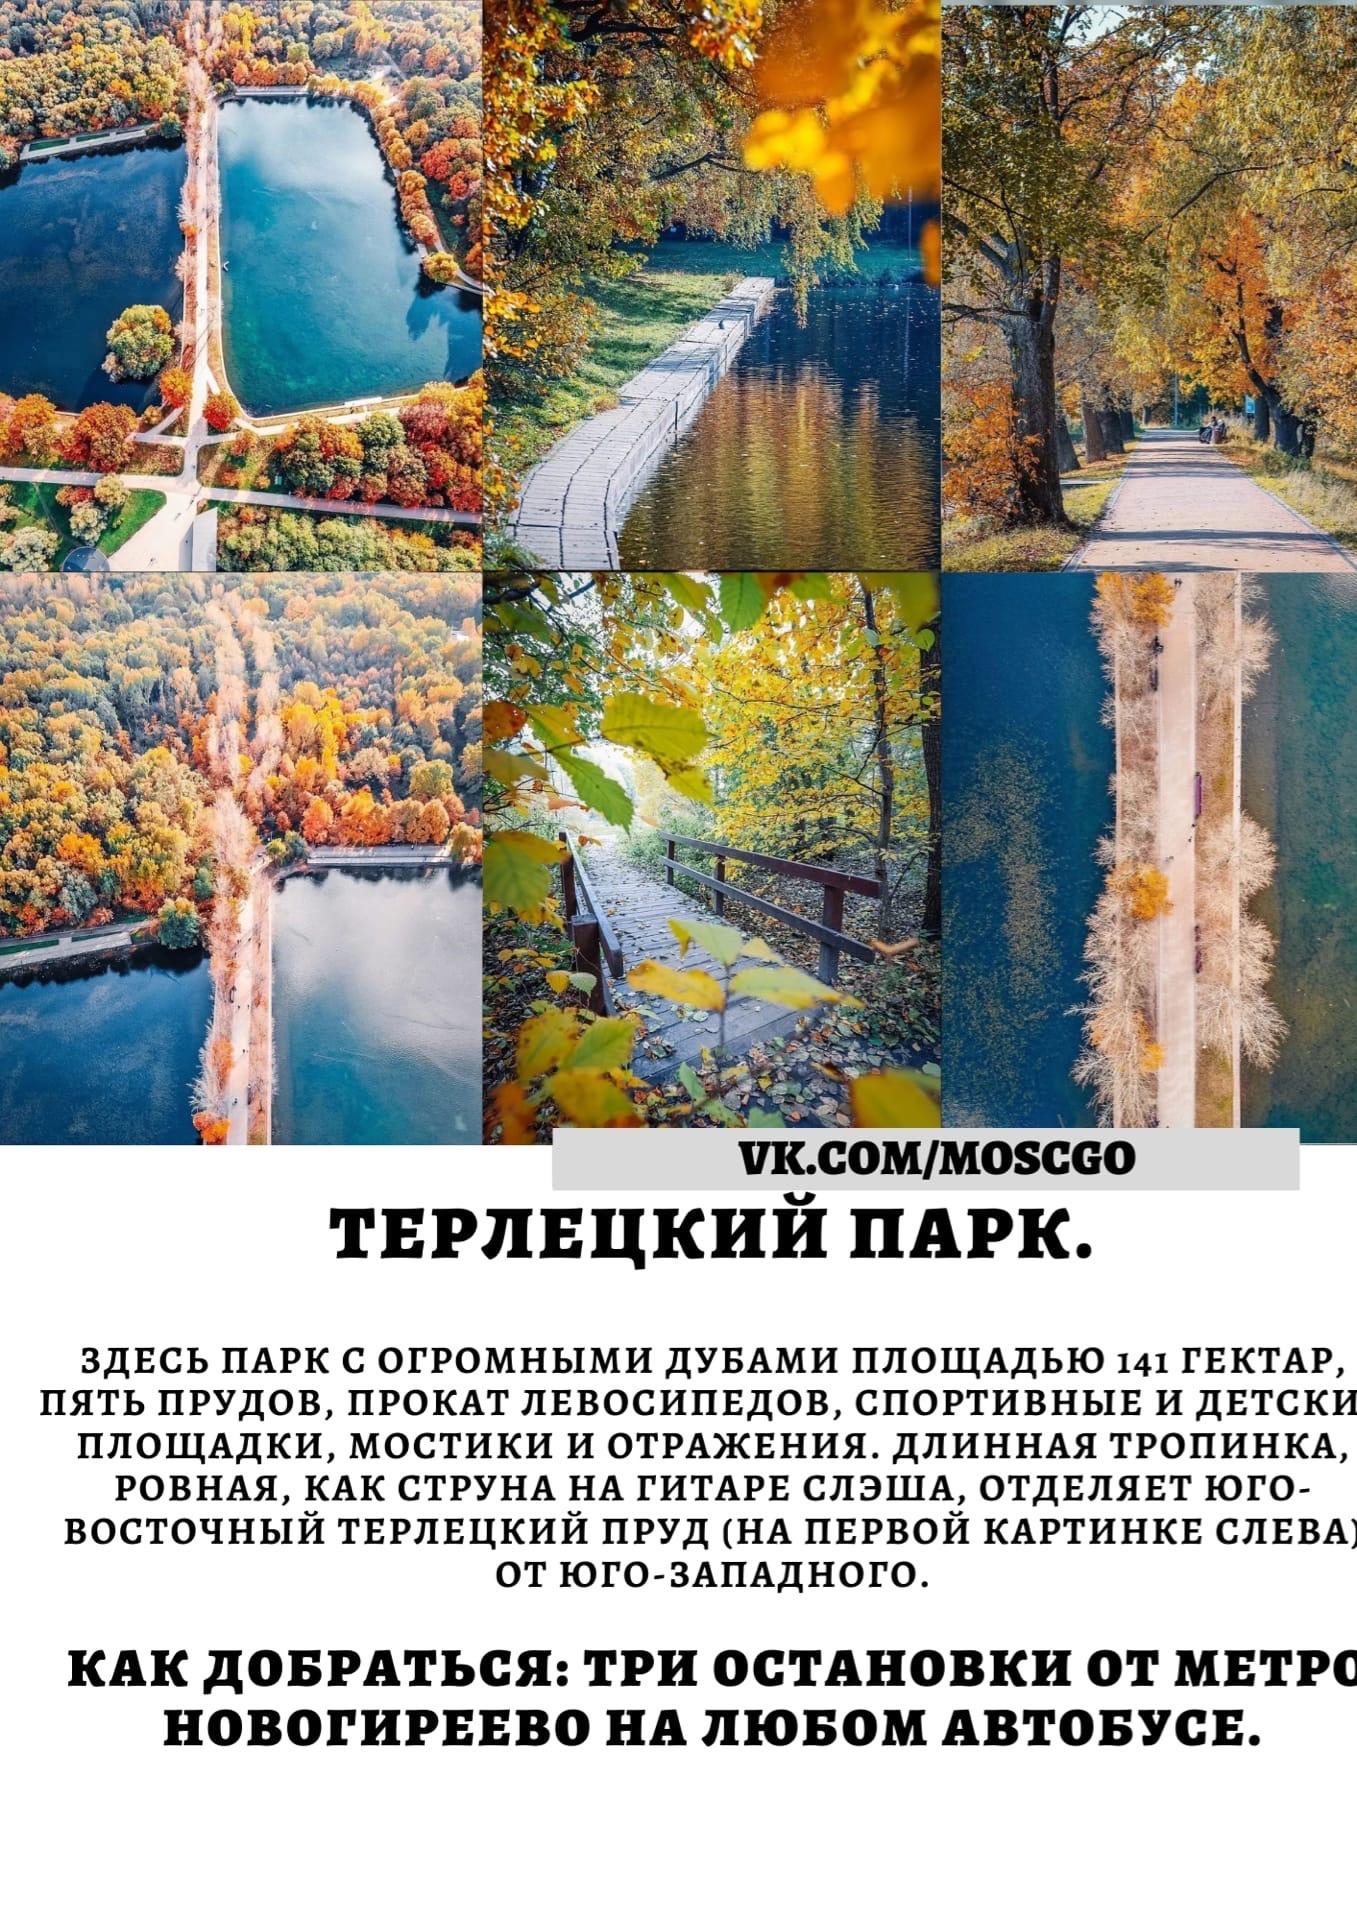 Пост Москвича номер #258030